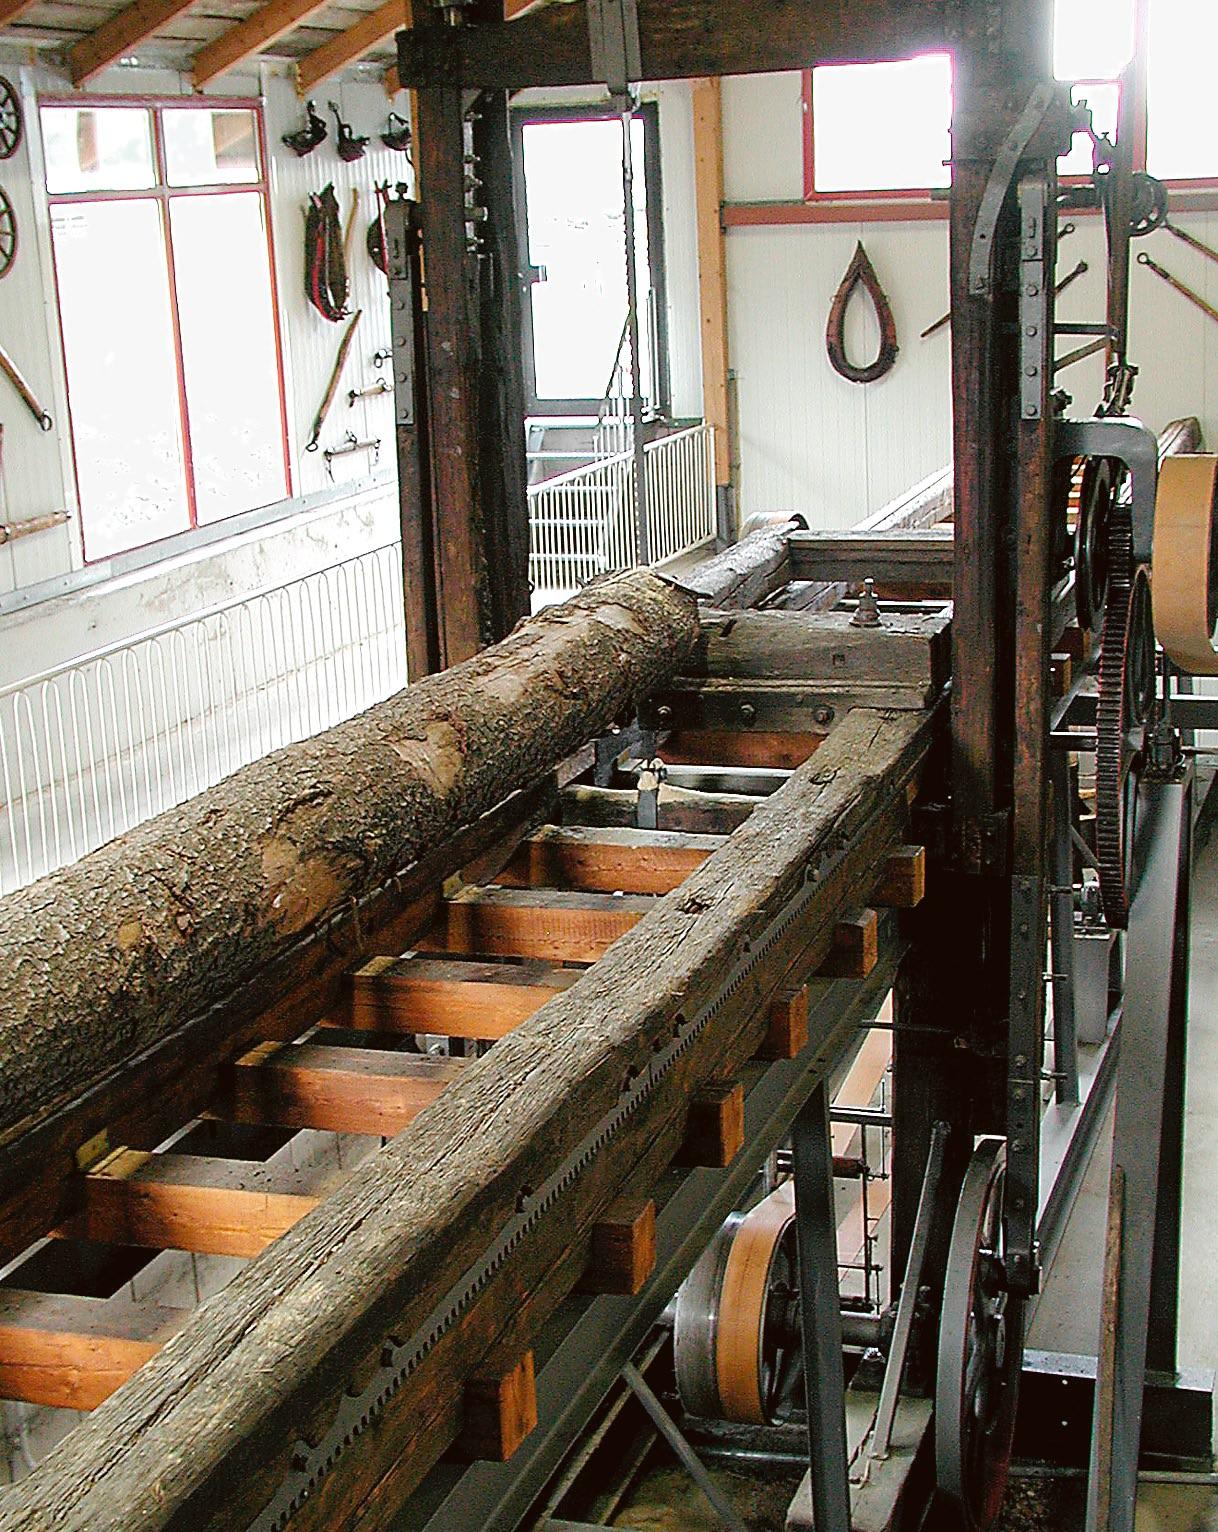 Historische Gattersäge | Technik Museum Sinsheim